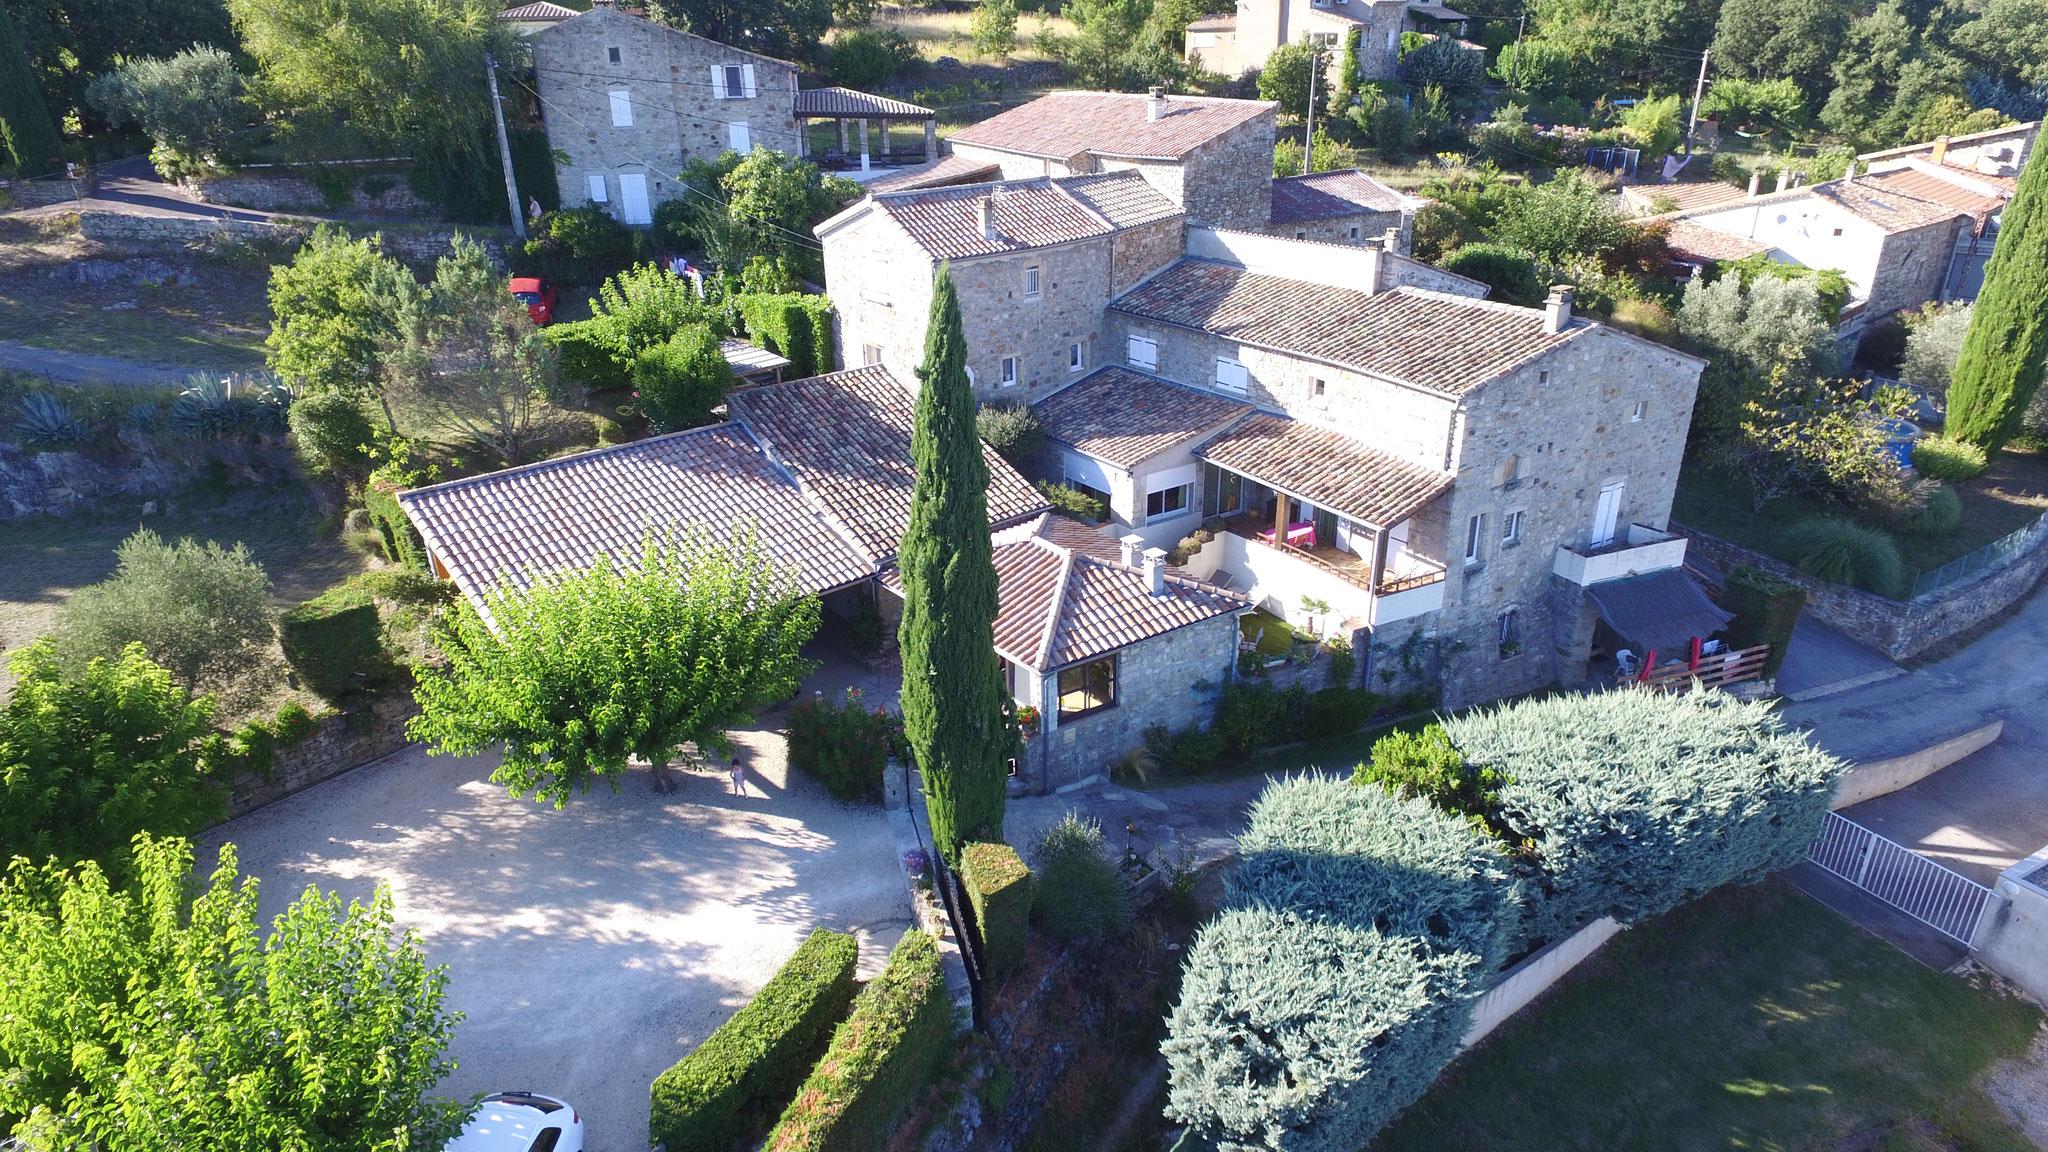 Vue aérienne Gîtes du Domaine de Lamourié - Aubenas - Ardèche